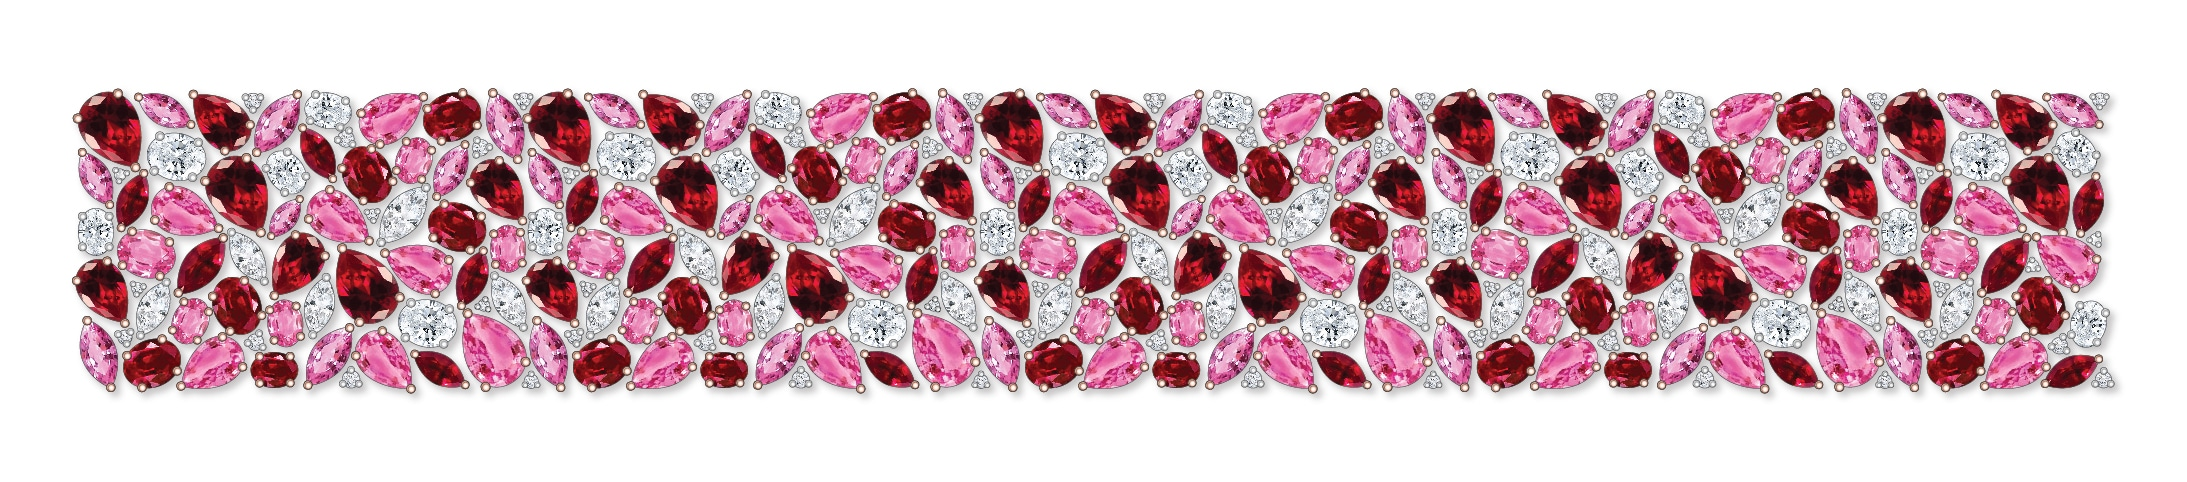 Dessin bracelet saphirs roses rubellite diamants